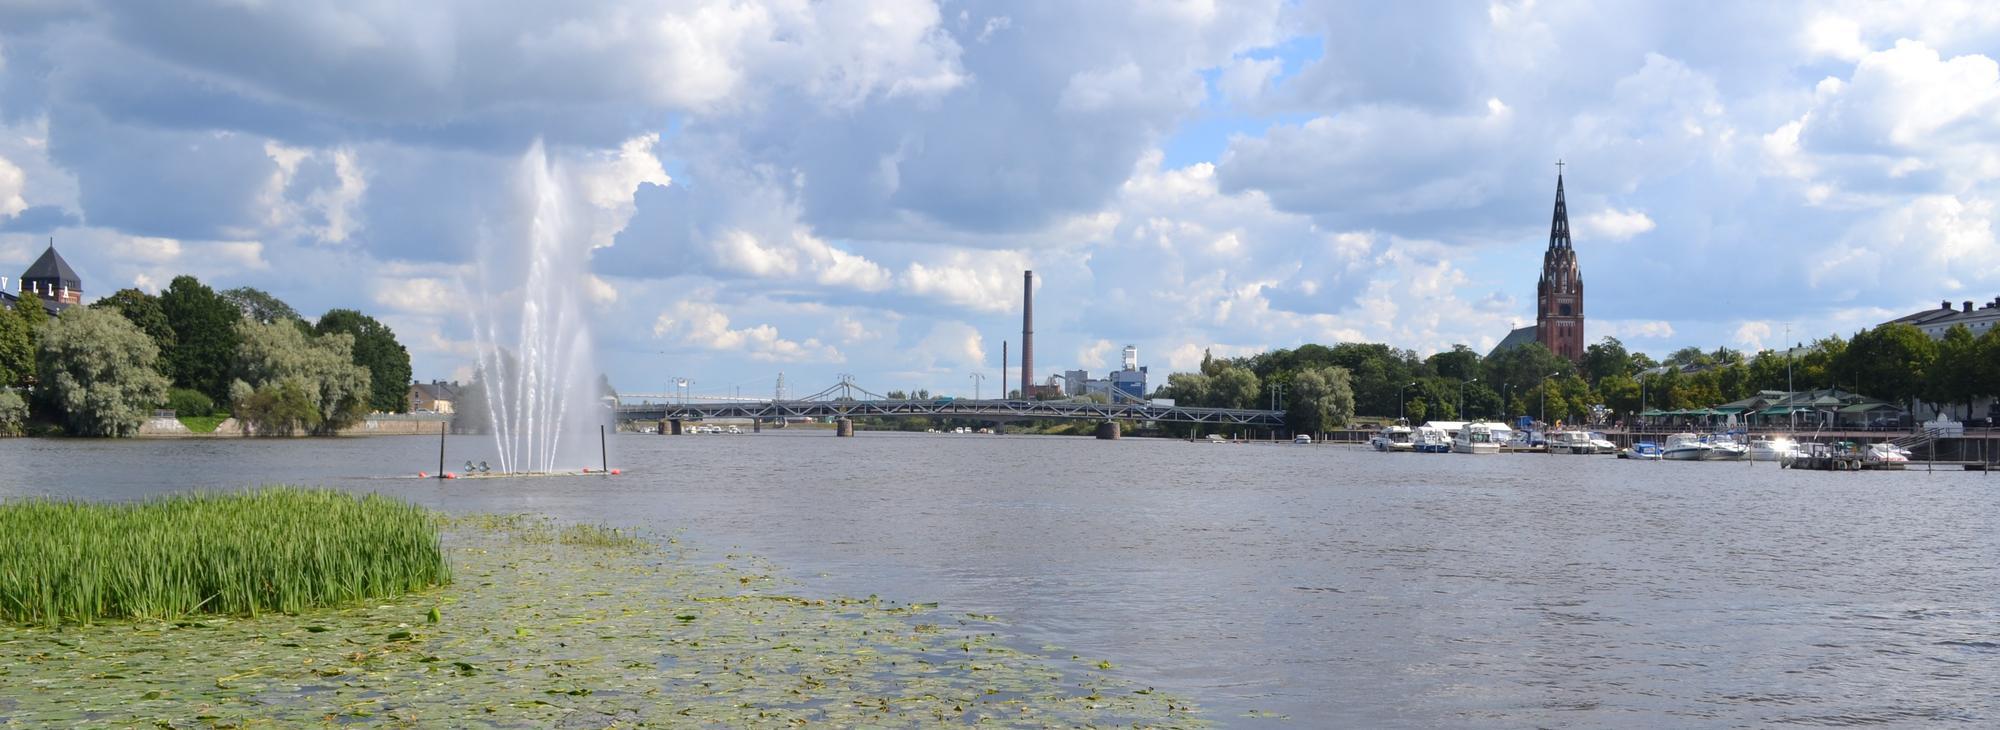 Kokemäenjoen äärellä – näkökulmia joen tulevaisuuteen